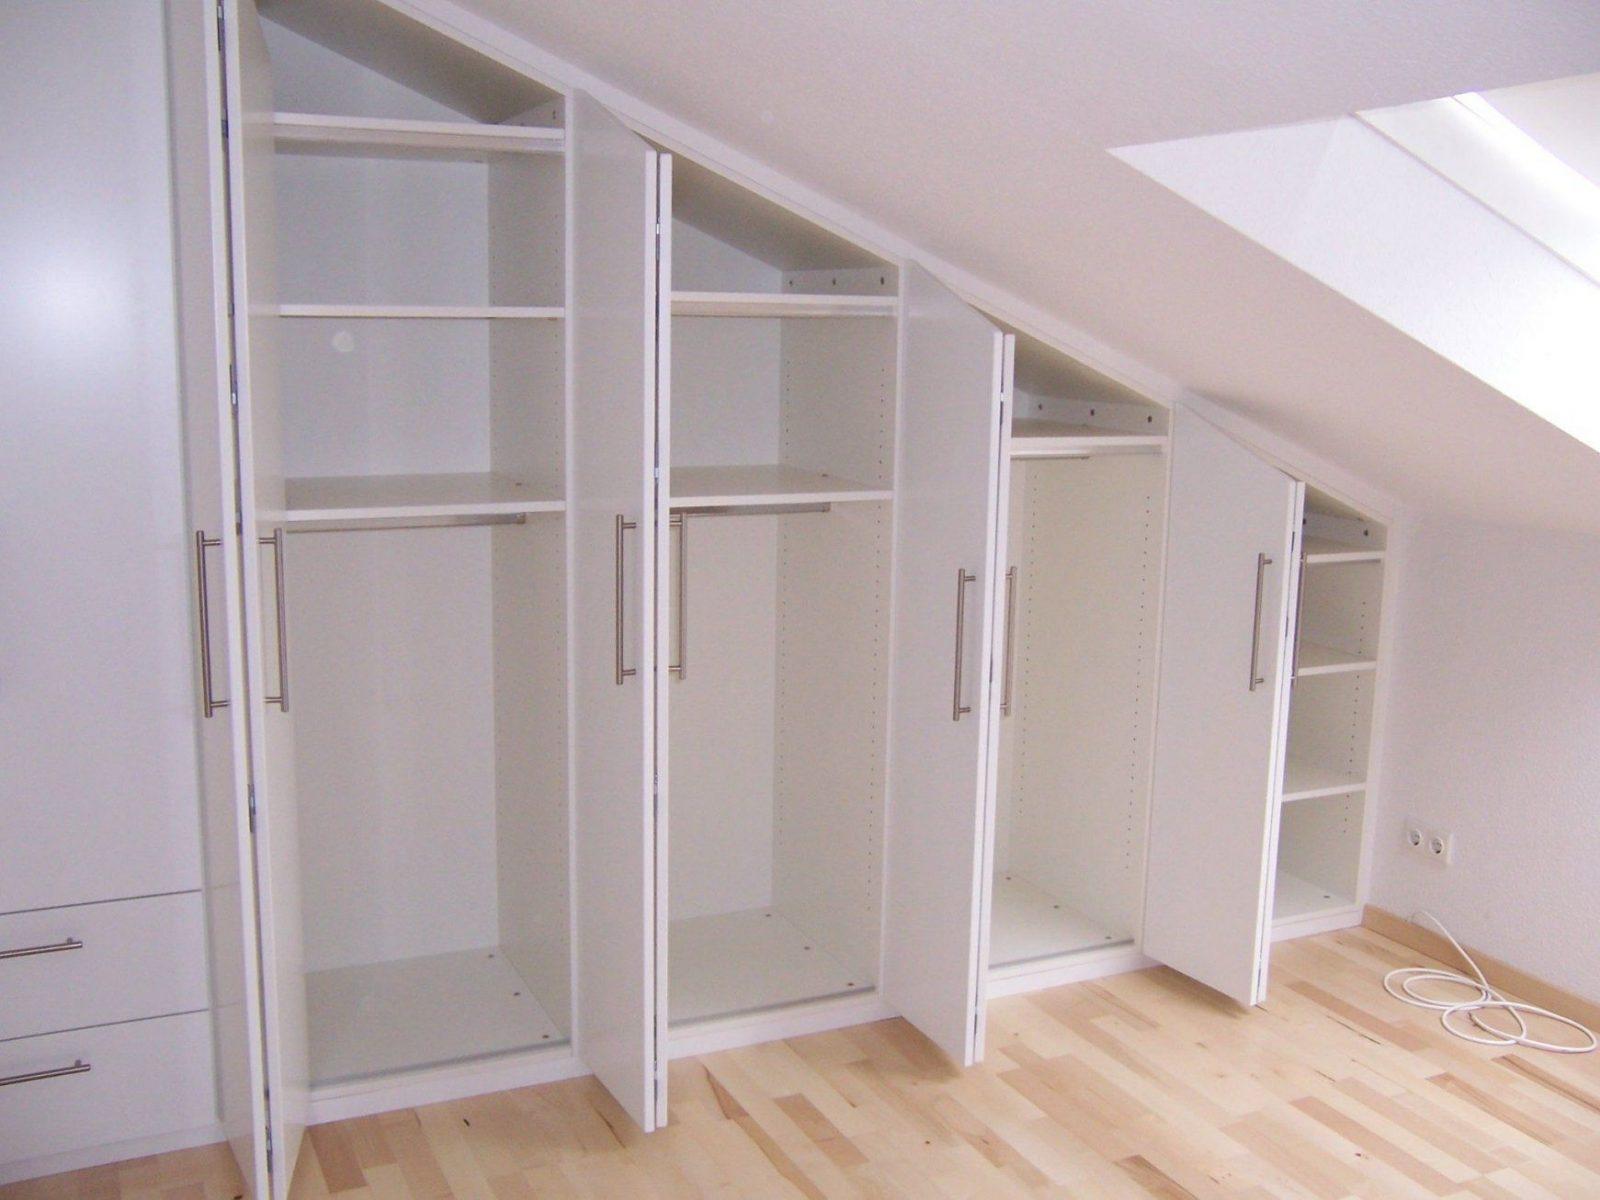 Bildergebnis Für Dachschräge Schlafzimmer  Attic Ideas  Pinterest von Schrank Für Dachschräge Ikea Photo